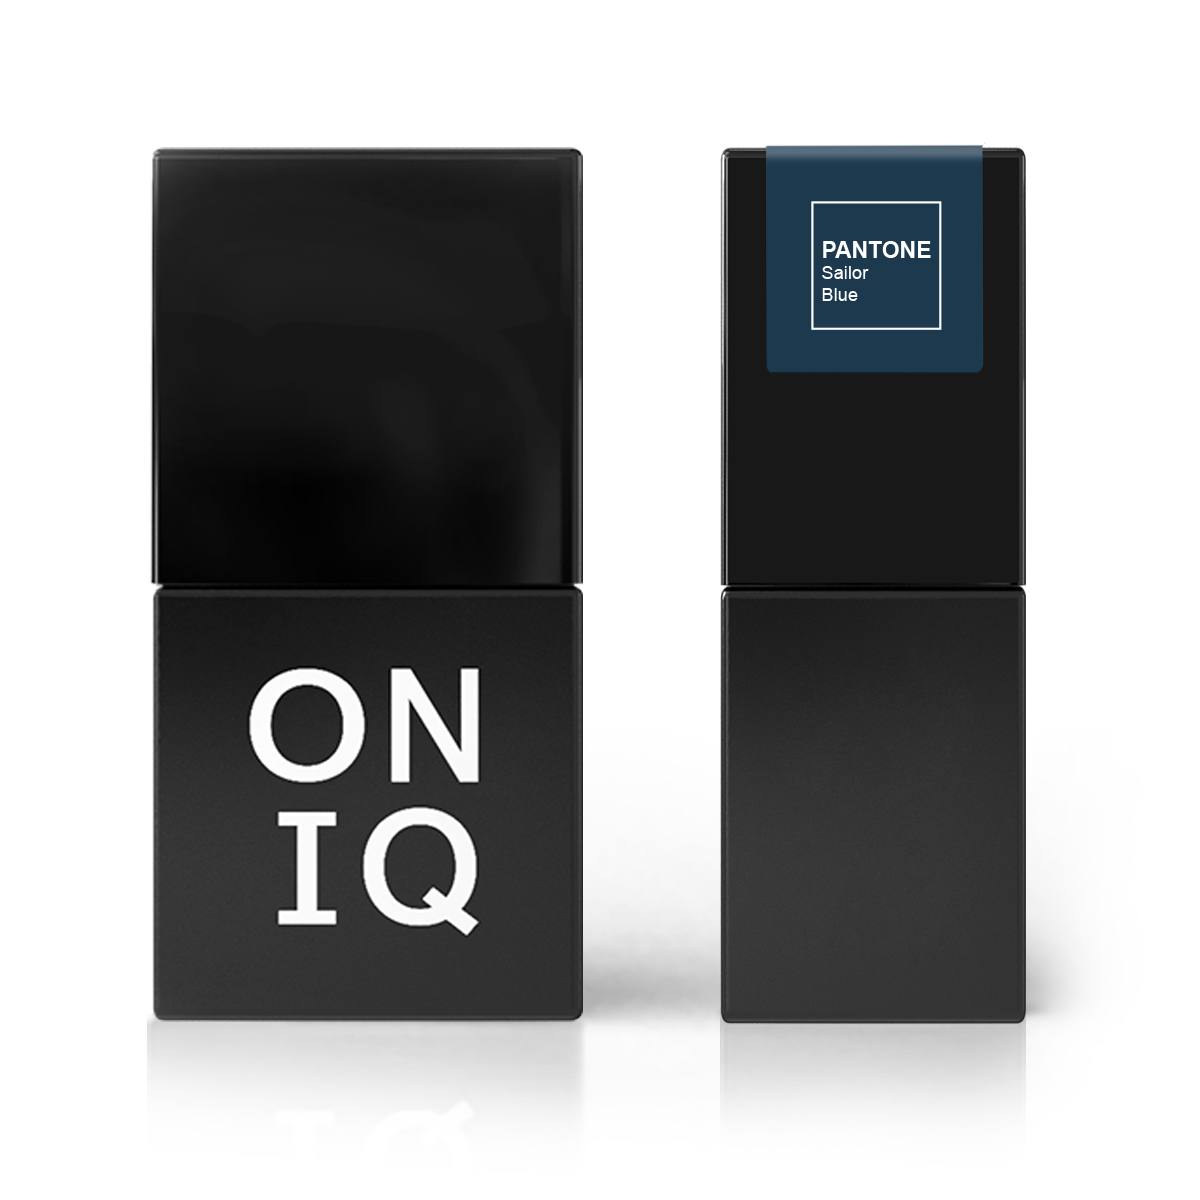 ONIQ Гель-лак для покрытия ногтей, Pantone: Sailor blue, 10 мл -  Гель-лаки